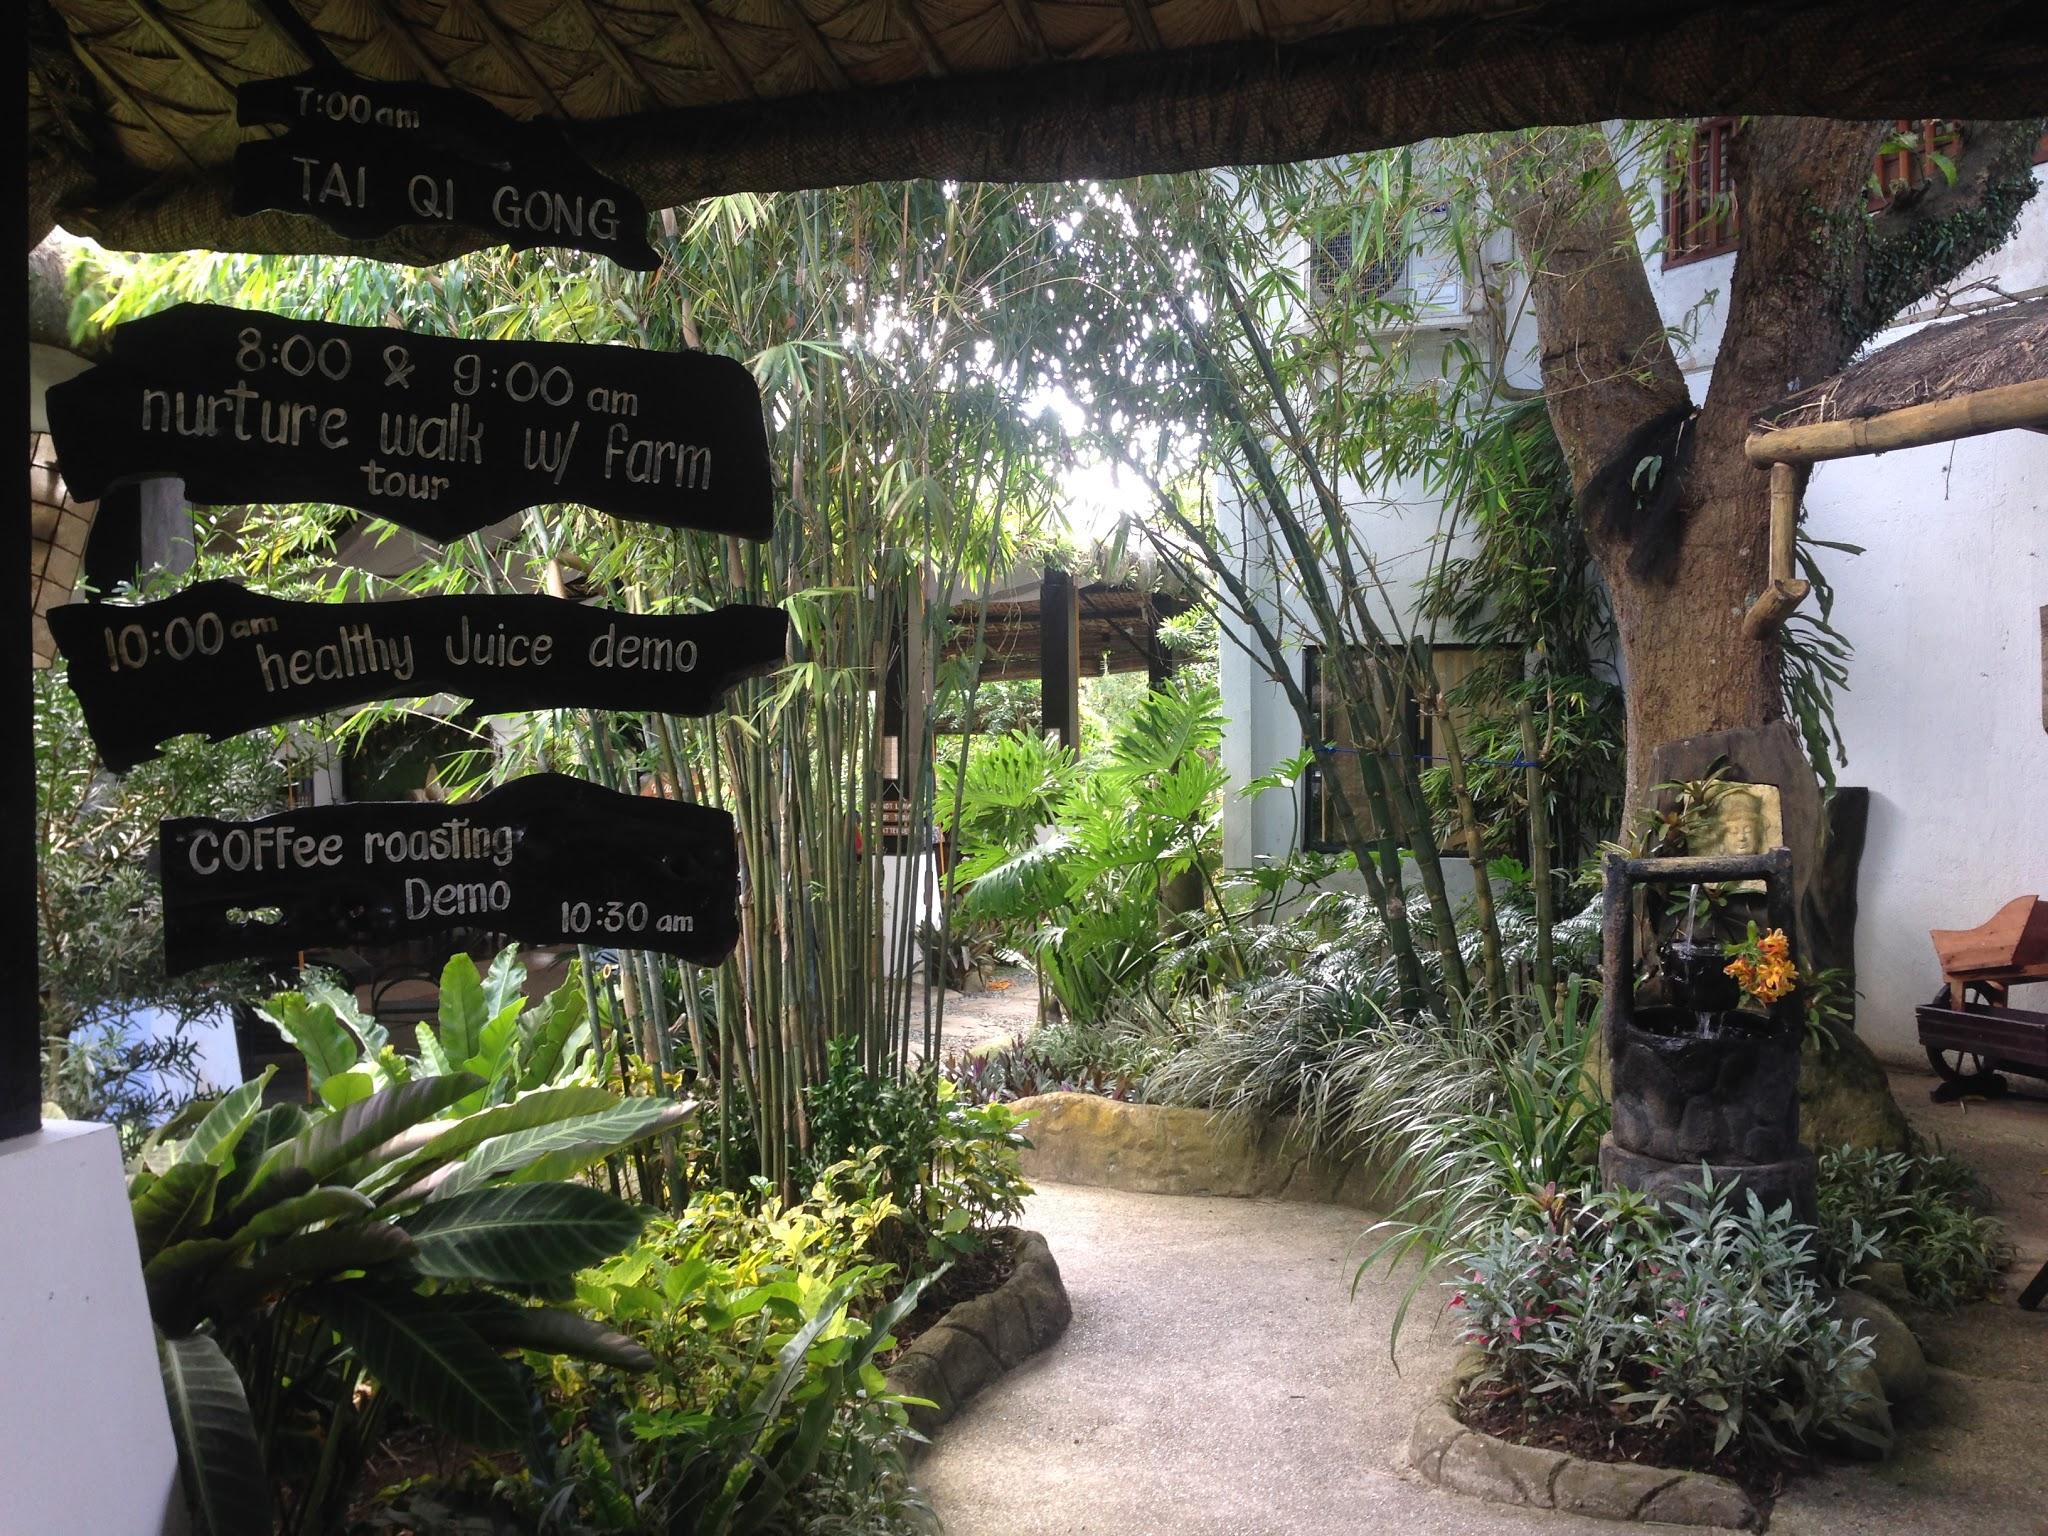 Entrance to Nurture Wellness Village